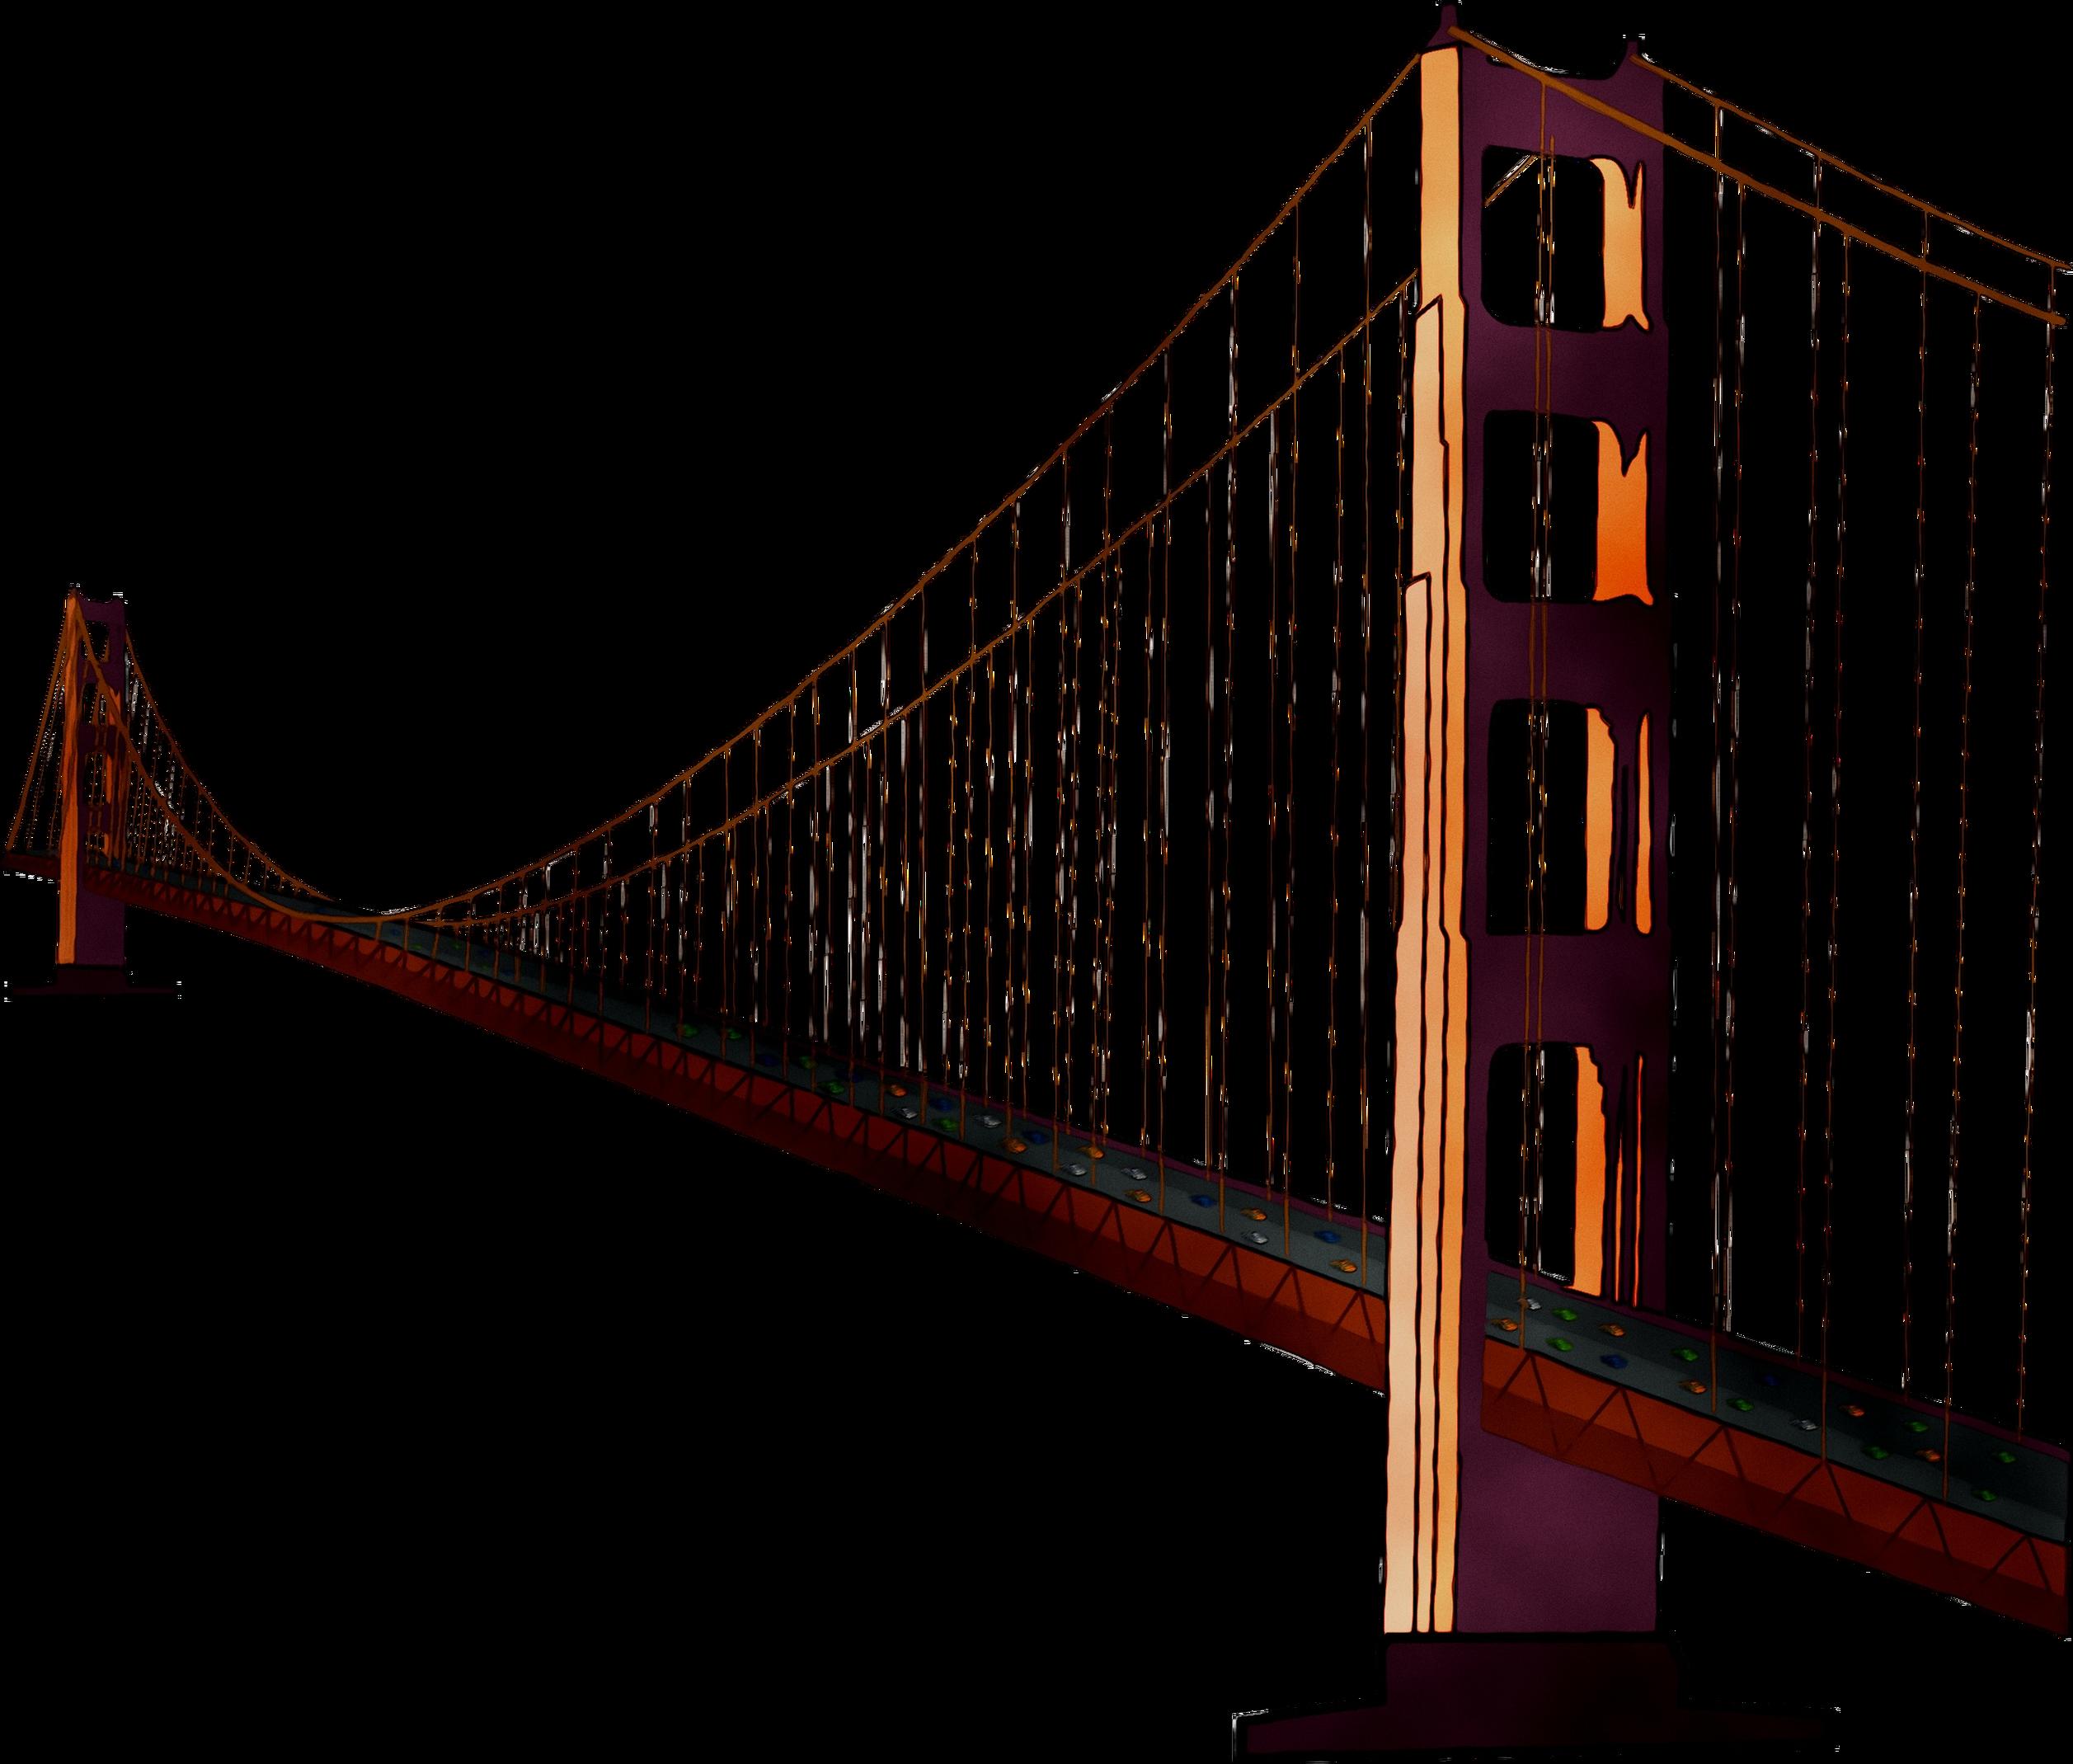 Golden Gate Bridge Suspension bridge Image Clip art.